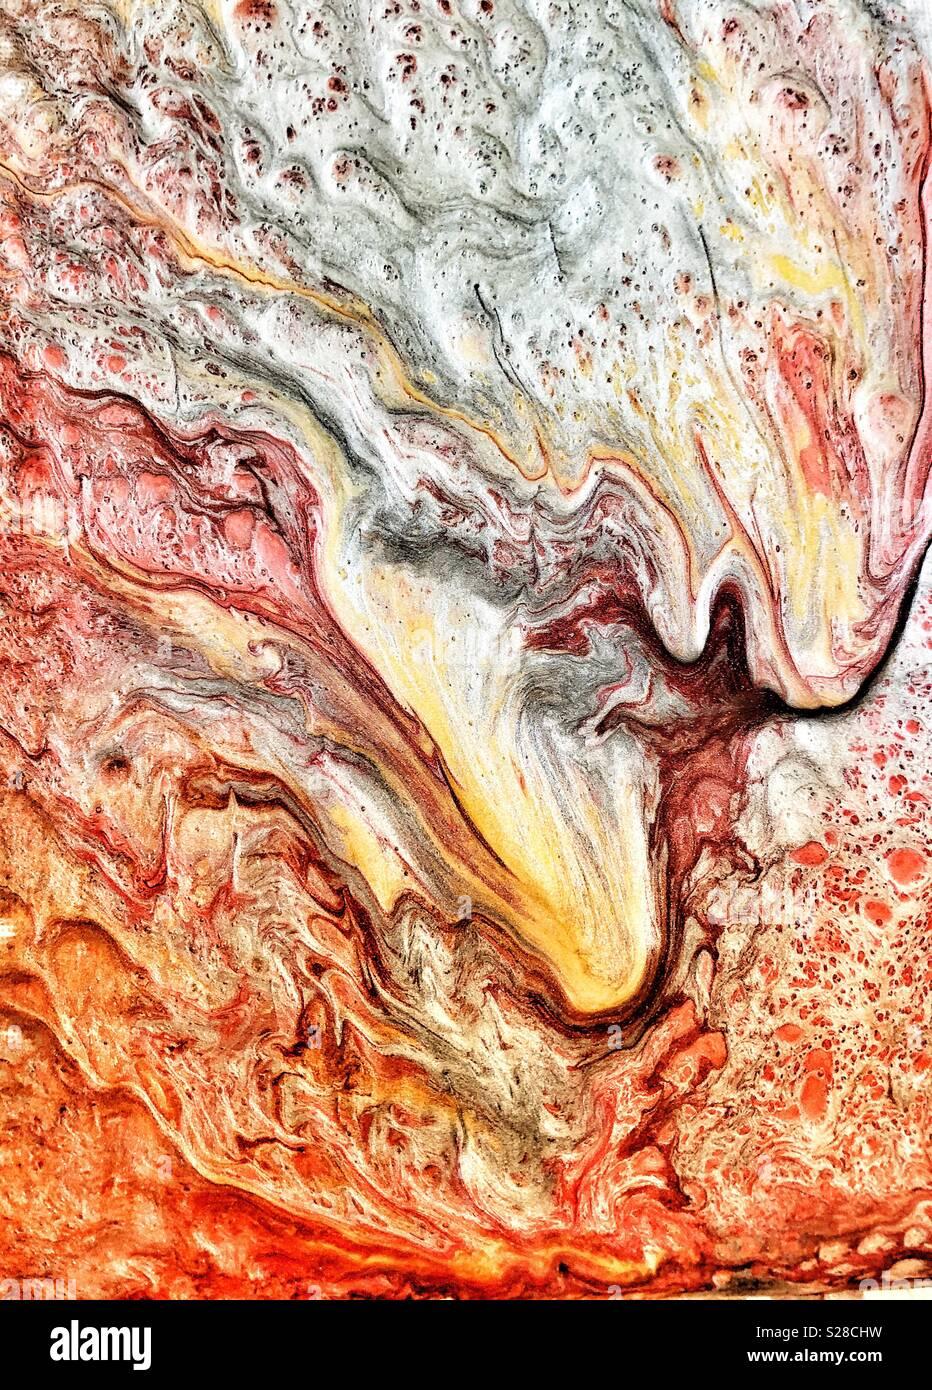 Effet peinture bouillonnante abstrait sur toile Photo Stock